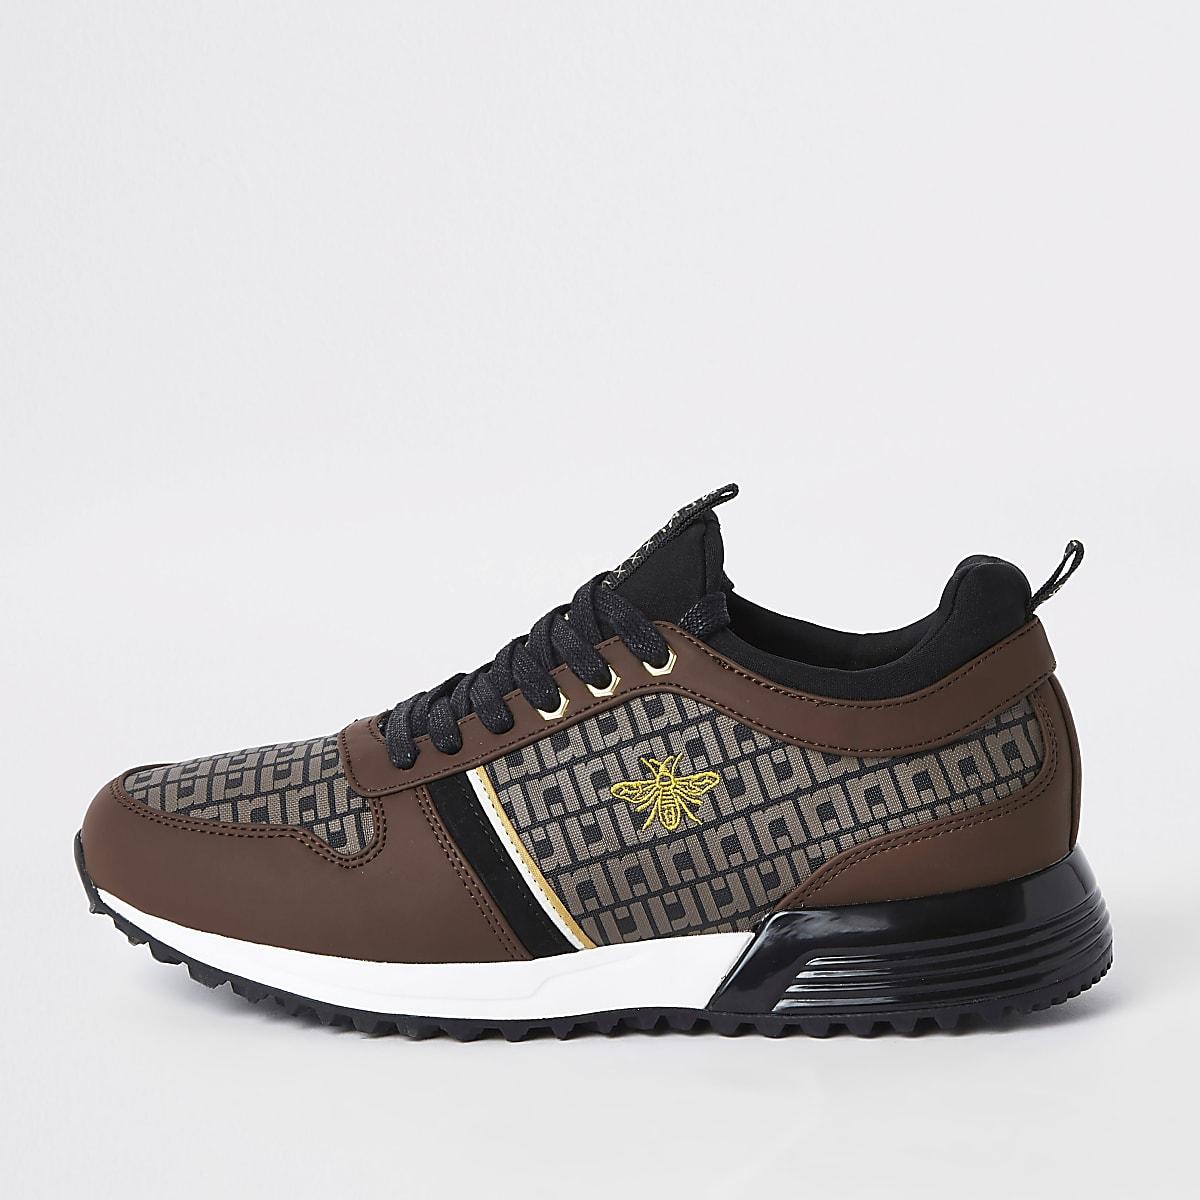 Bruine vetersneakers met monogram en 'MCMLXXVI'-print